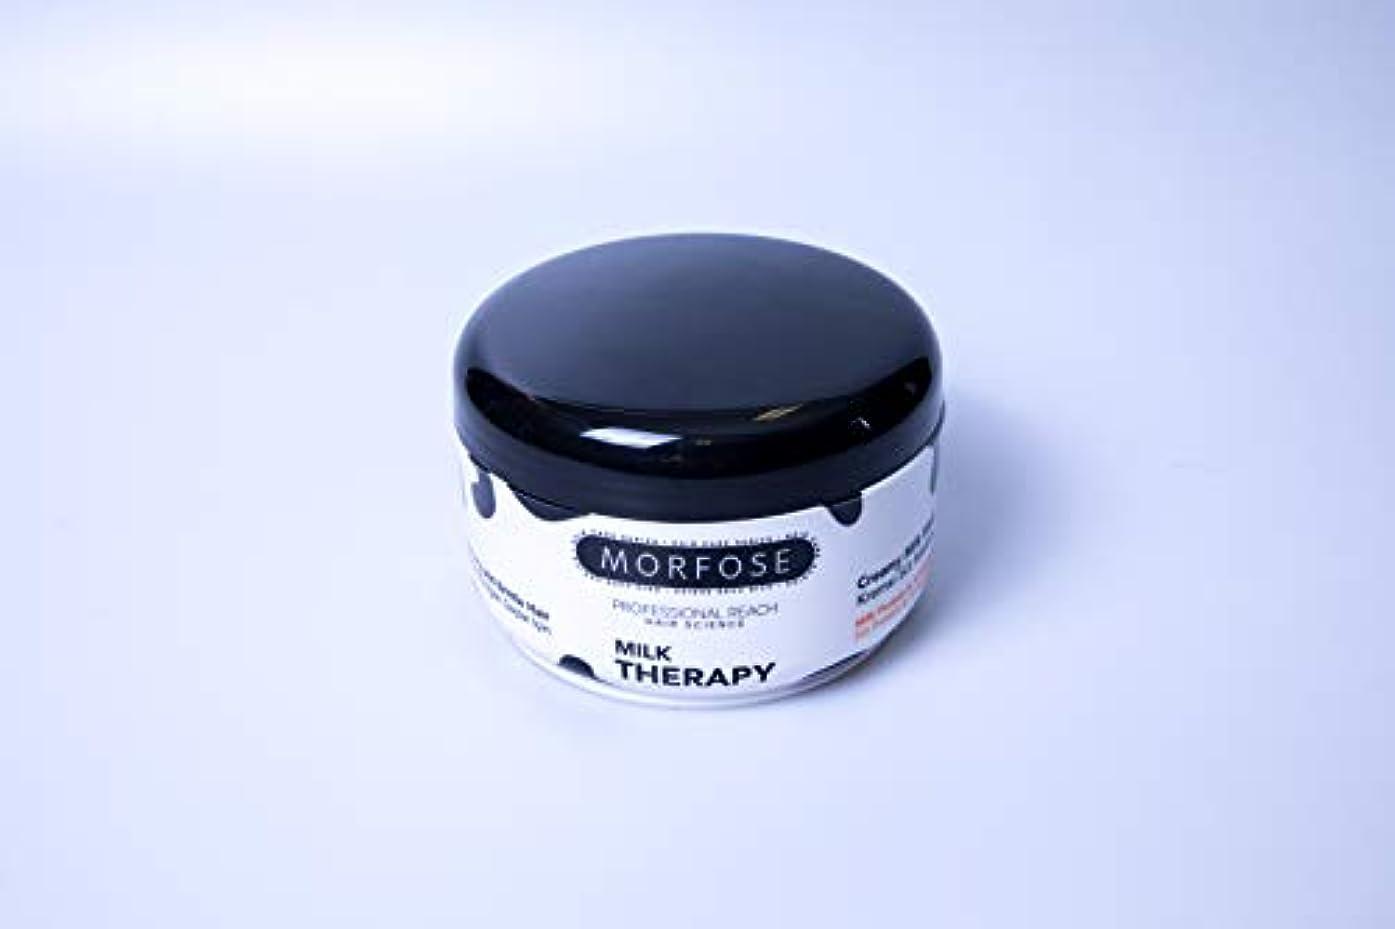 リマこだわり指標Morfoseミルクセラピーヘアマスク500 ml